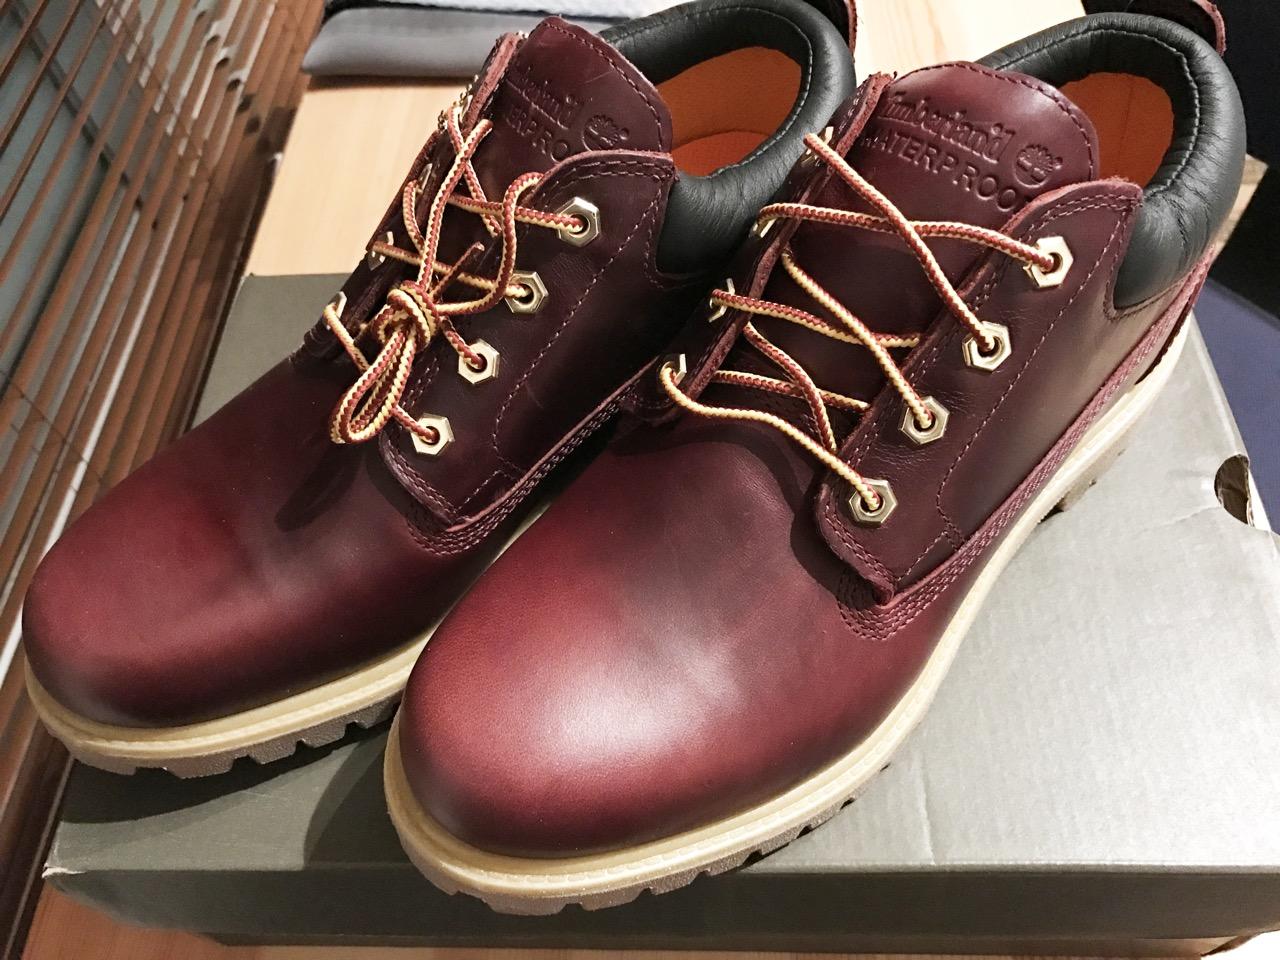 旅に最適な靴はローカットのワークブーツだ!ABCマート限定「ティンバーランド CLASSIC OX WP」を購入!